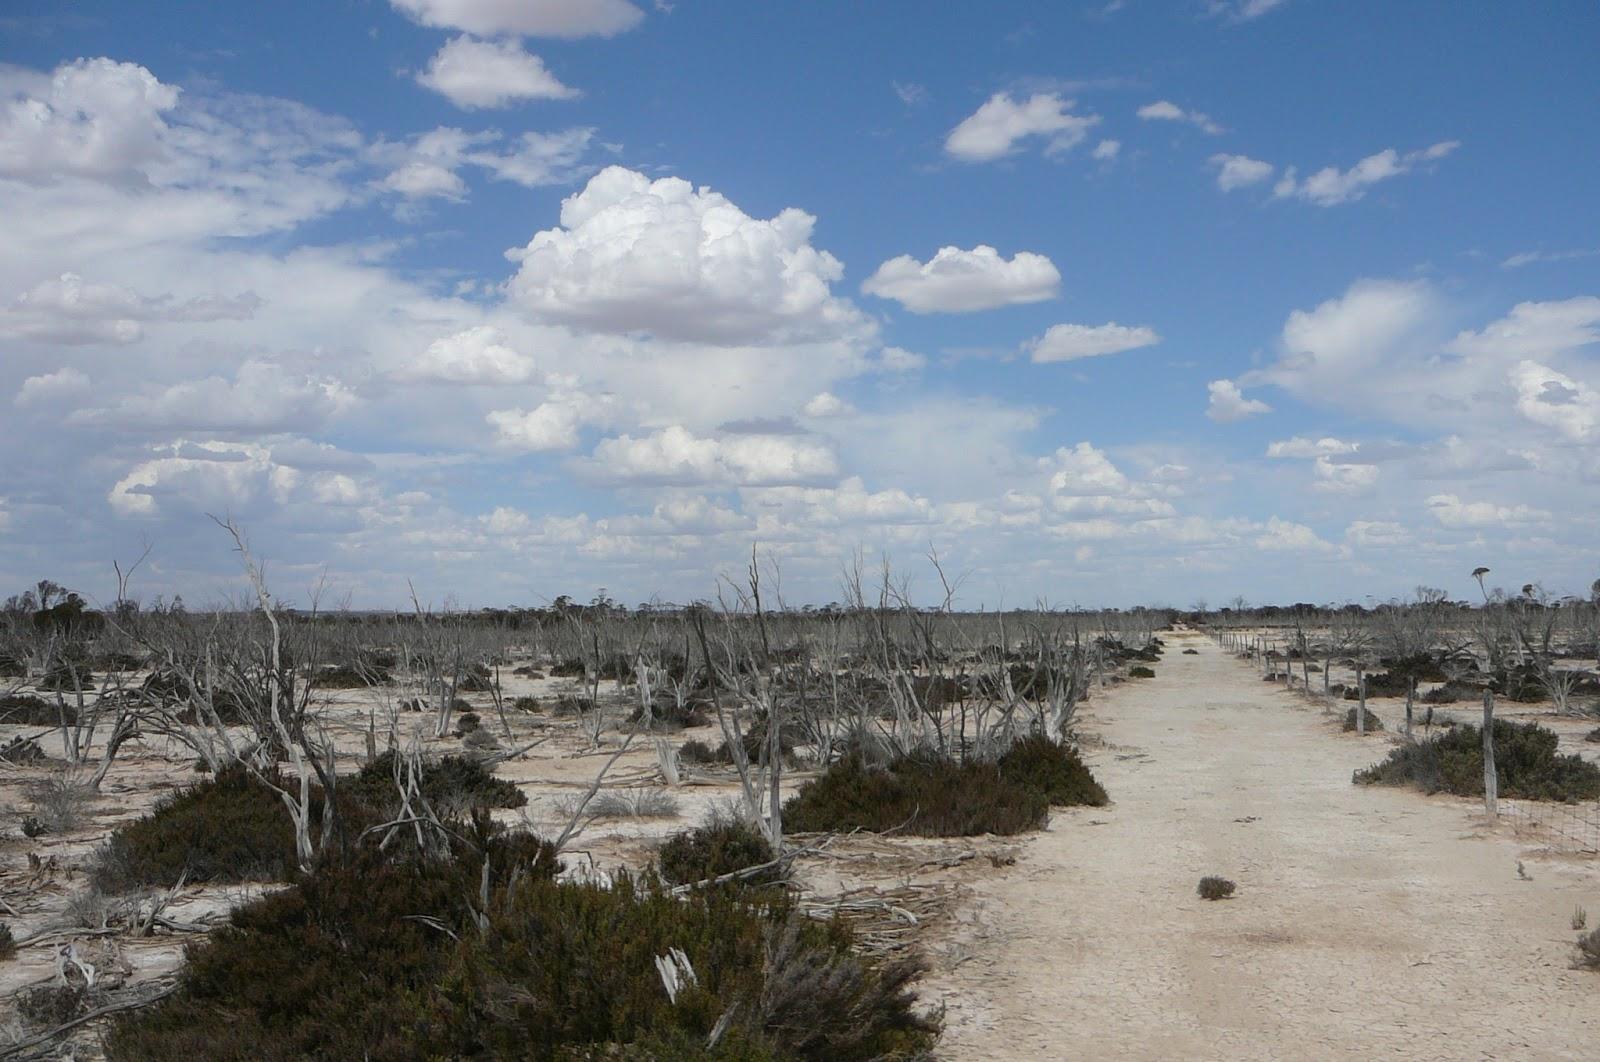 Hyden Western Australia